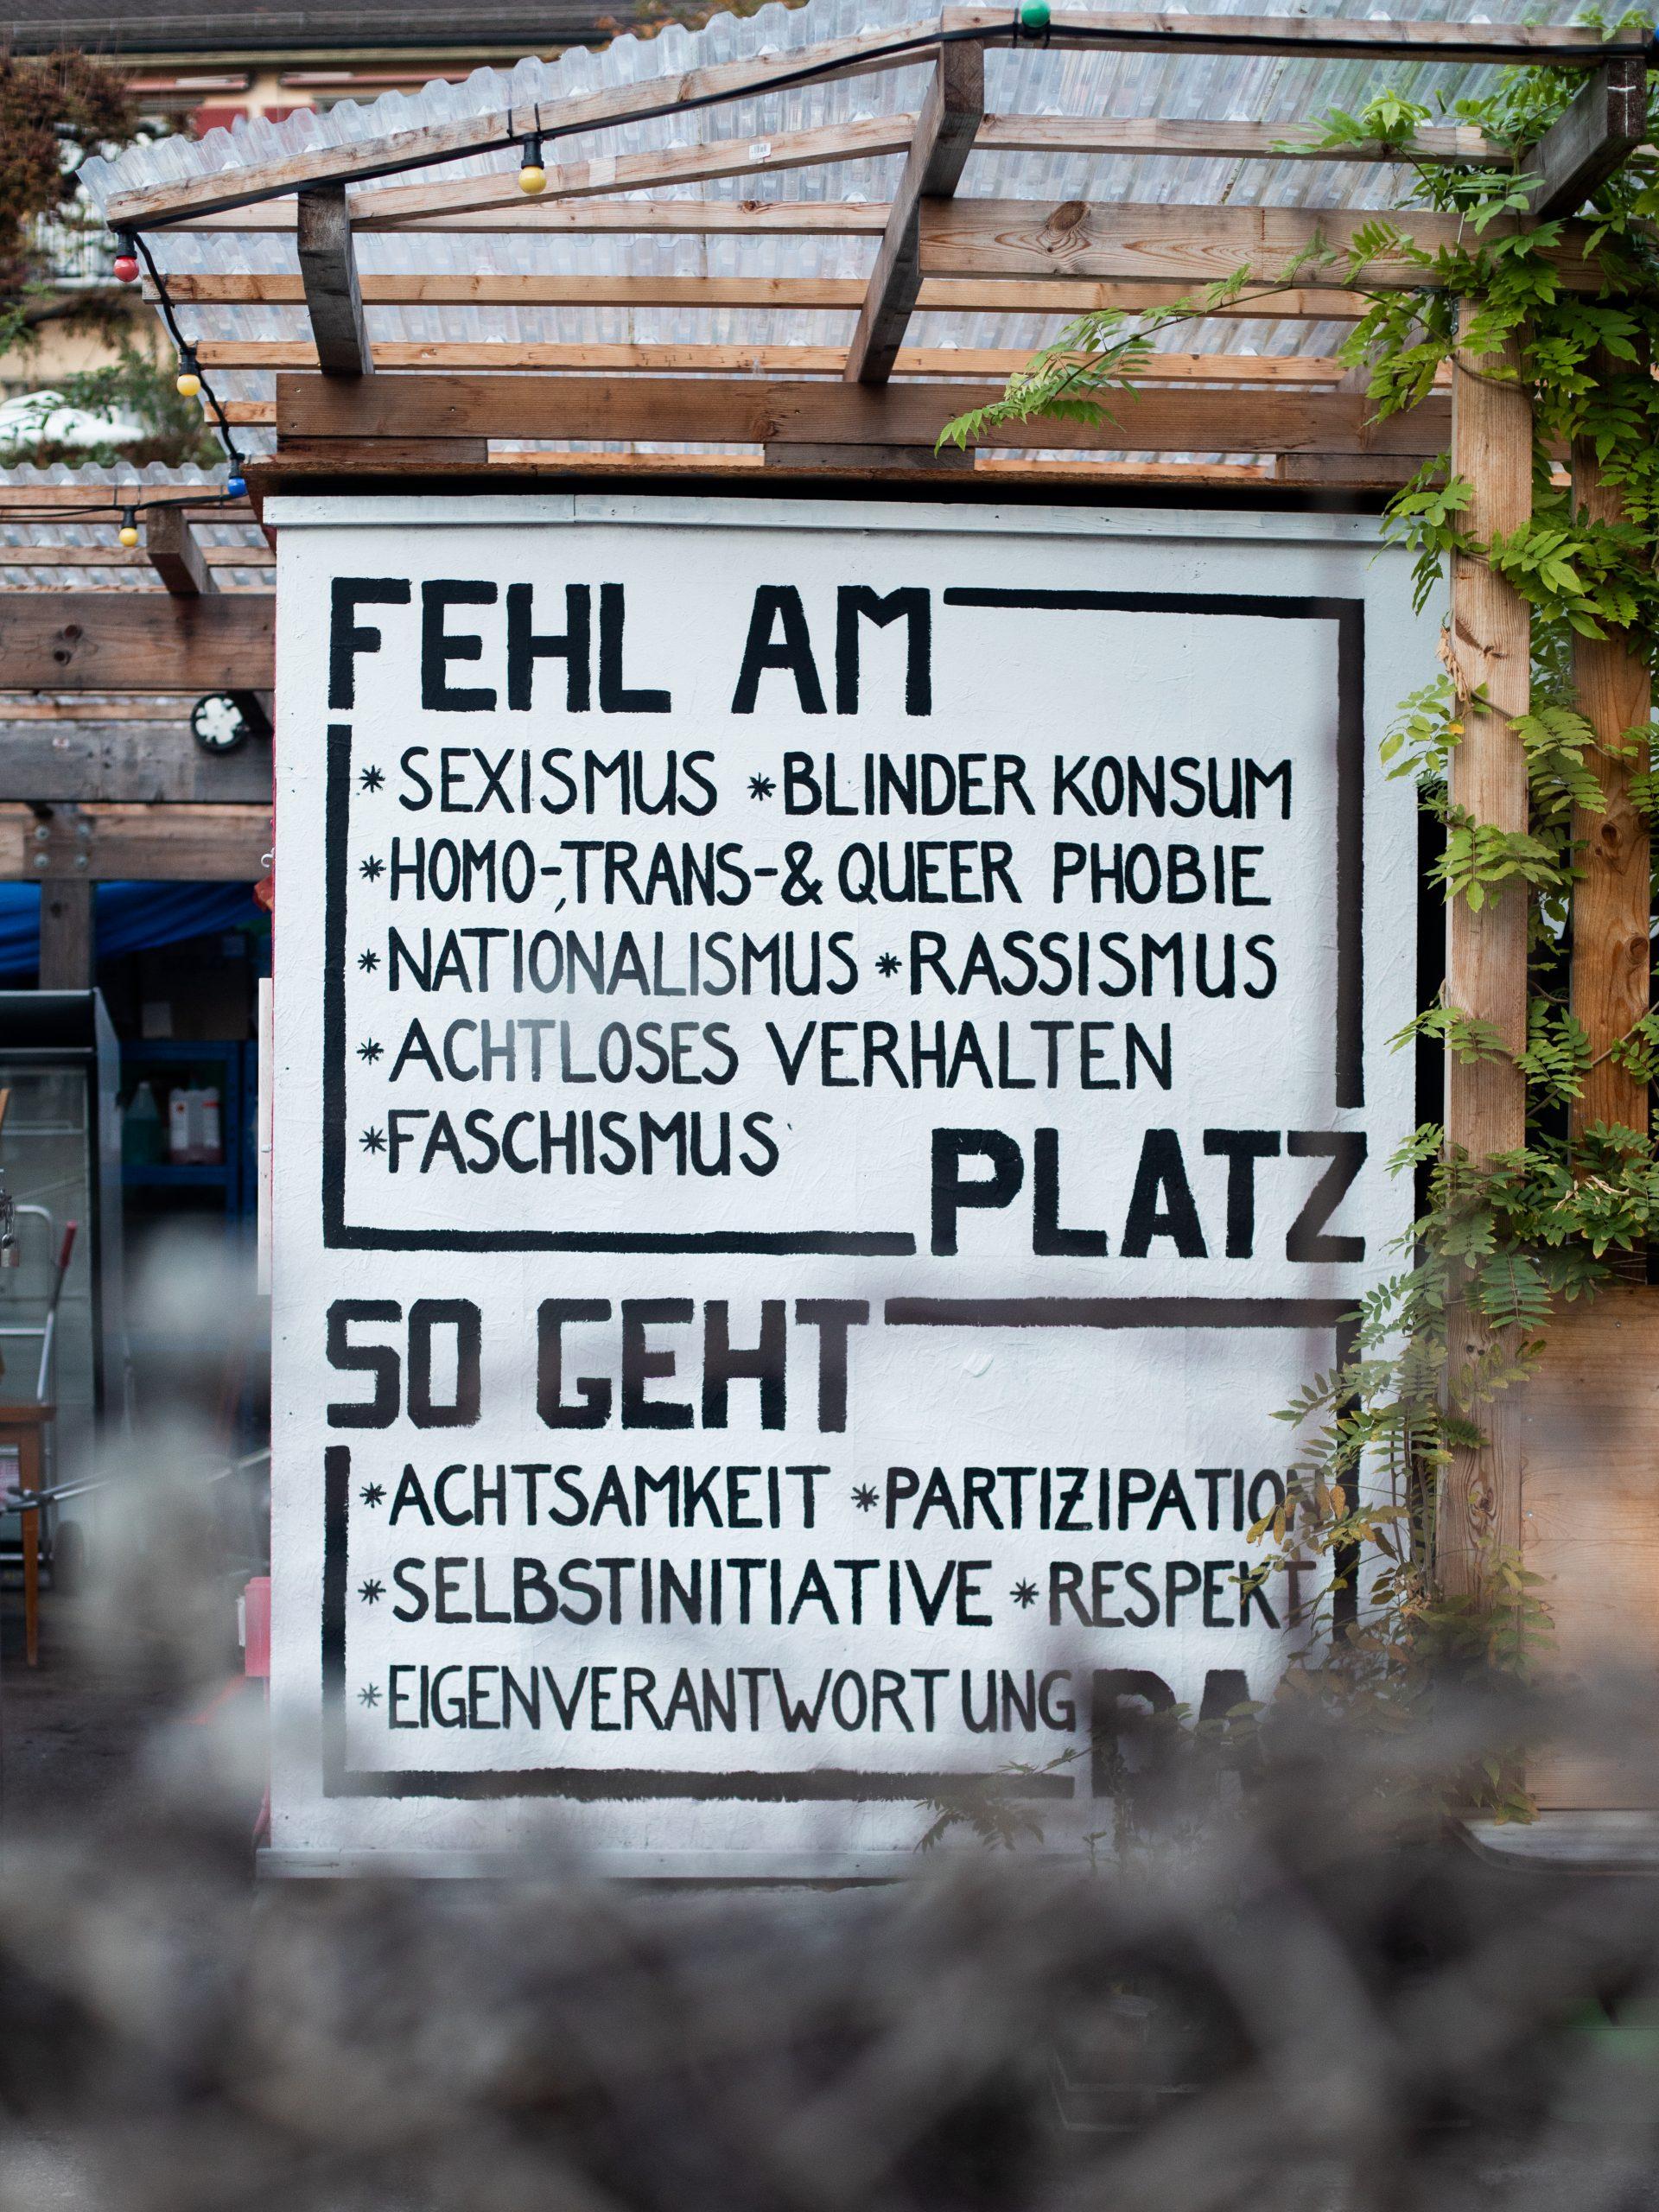 023_019_07_fehl_am-Paltz_feindaten-4220